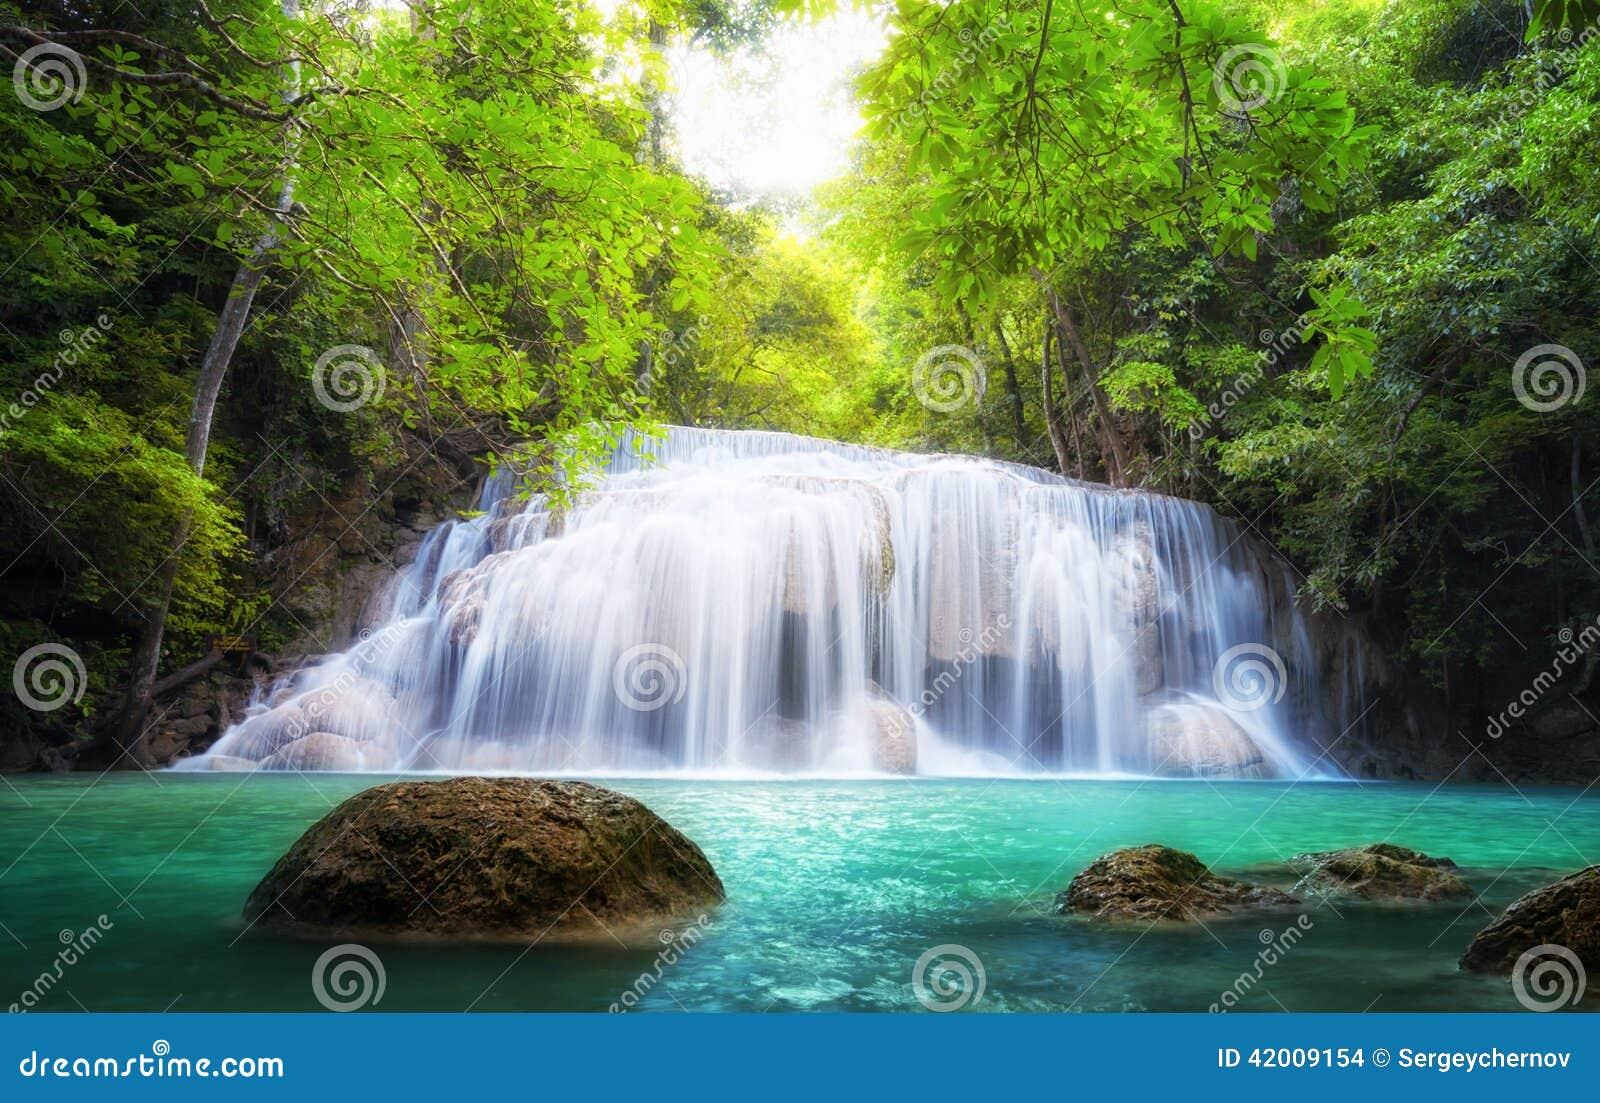 Тропический водопад в Таиланде, фотографии природы